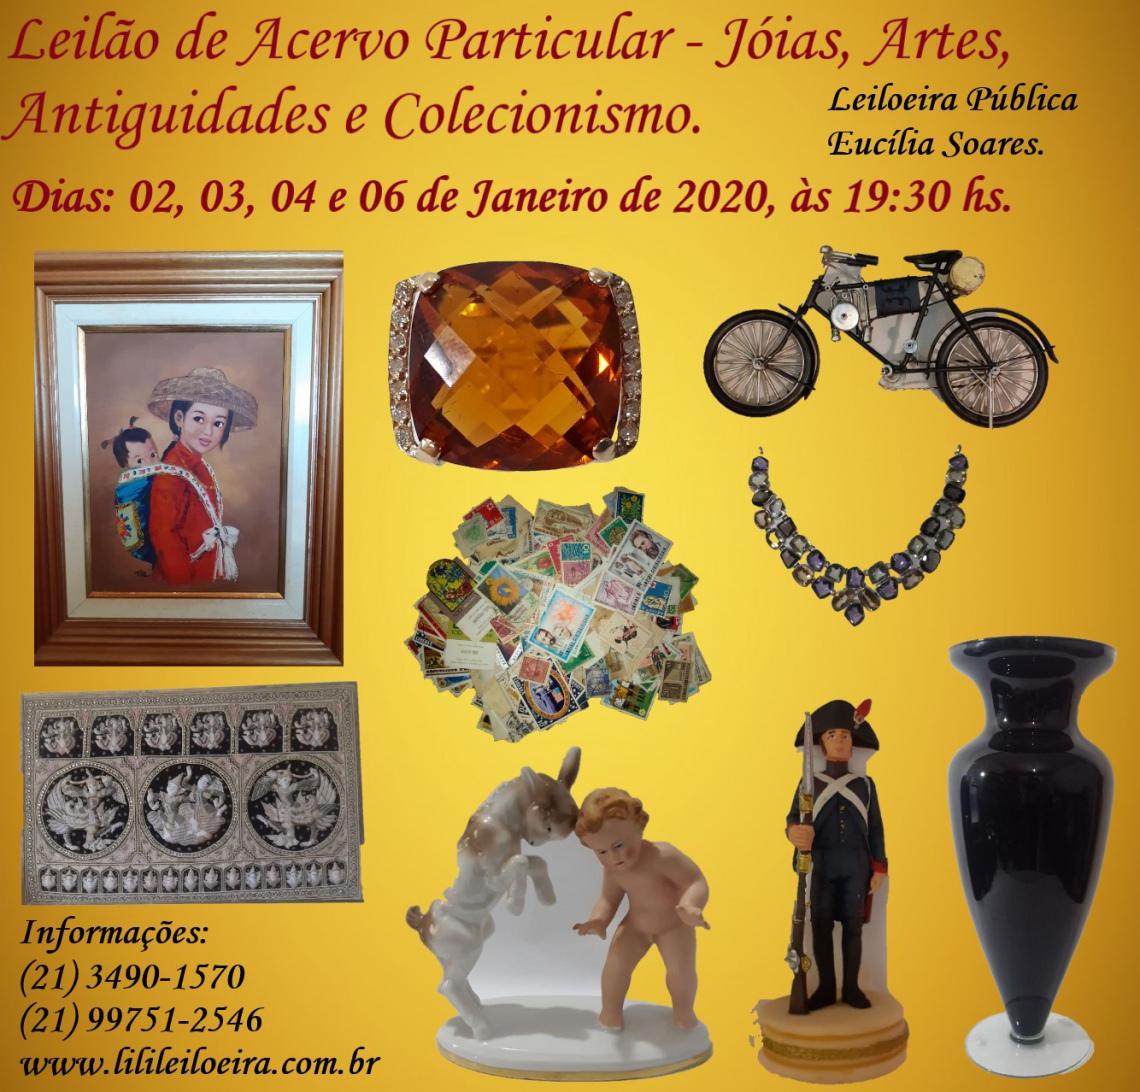 LEILÃO DE ACERVO PARTICULAR - JÓIAS, ARTES, ANTIGUIDADES E COLECIONISMO.